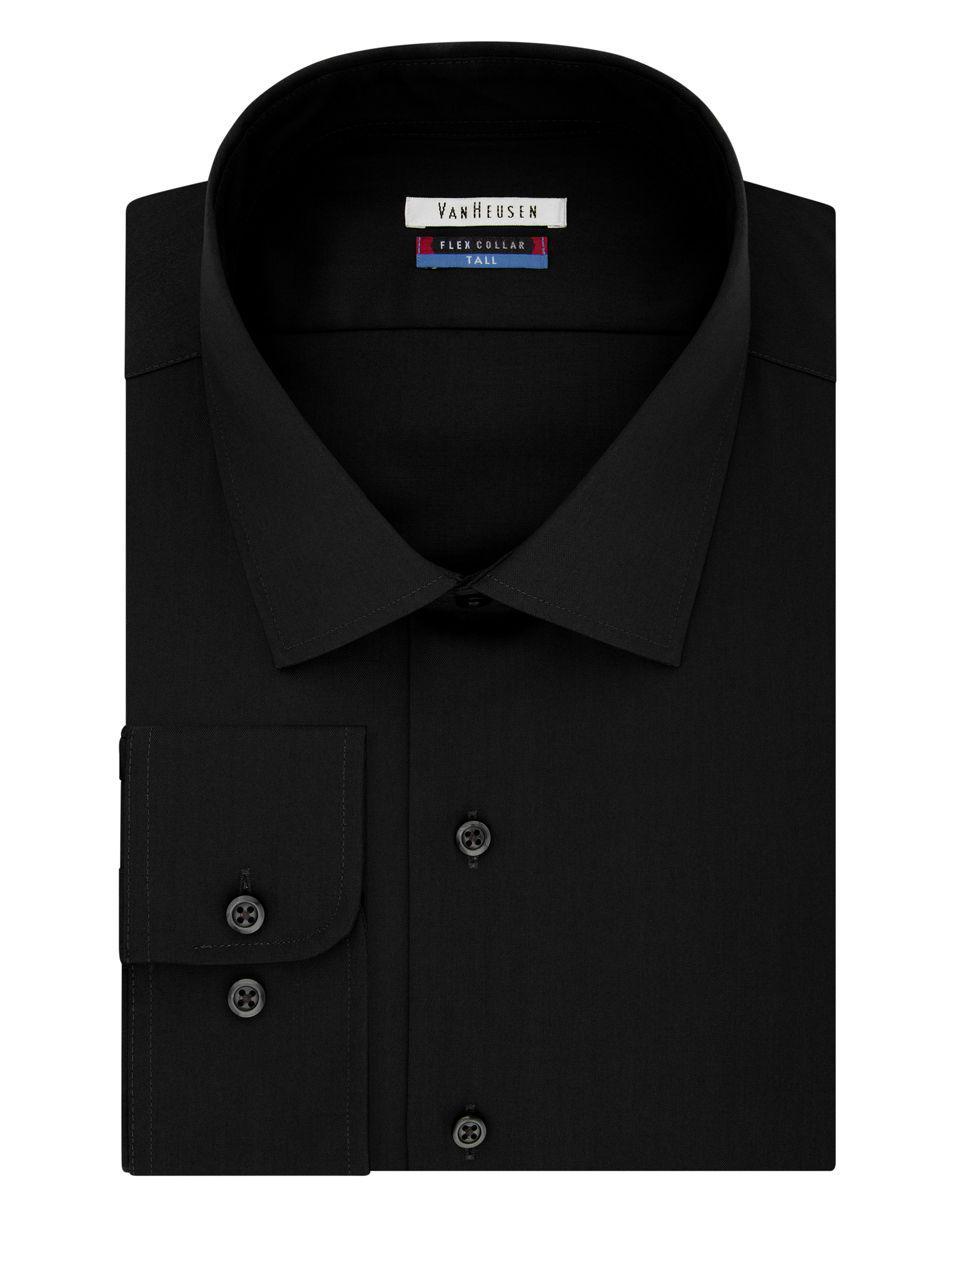 Lyst van heusen flex collar tall dress shirt in black for Tony collar dress shirt